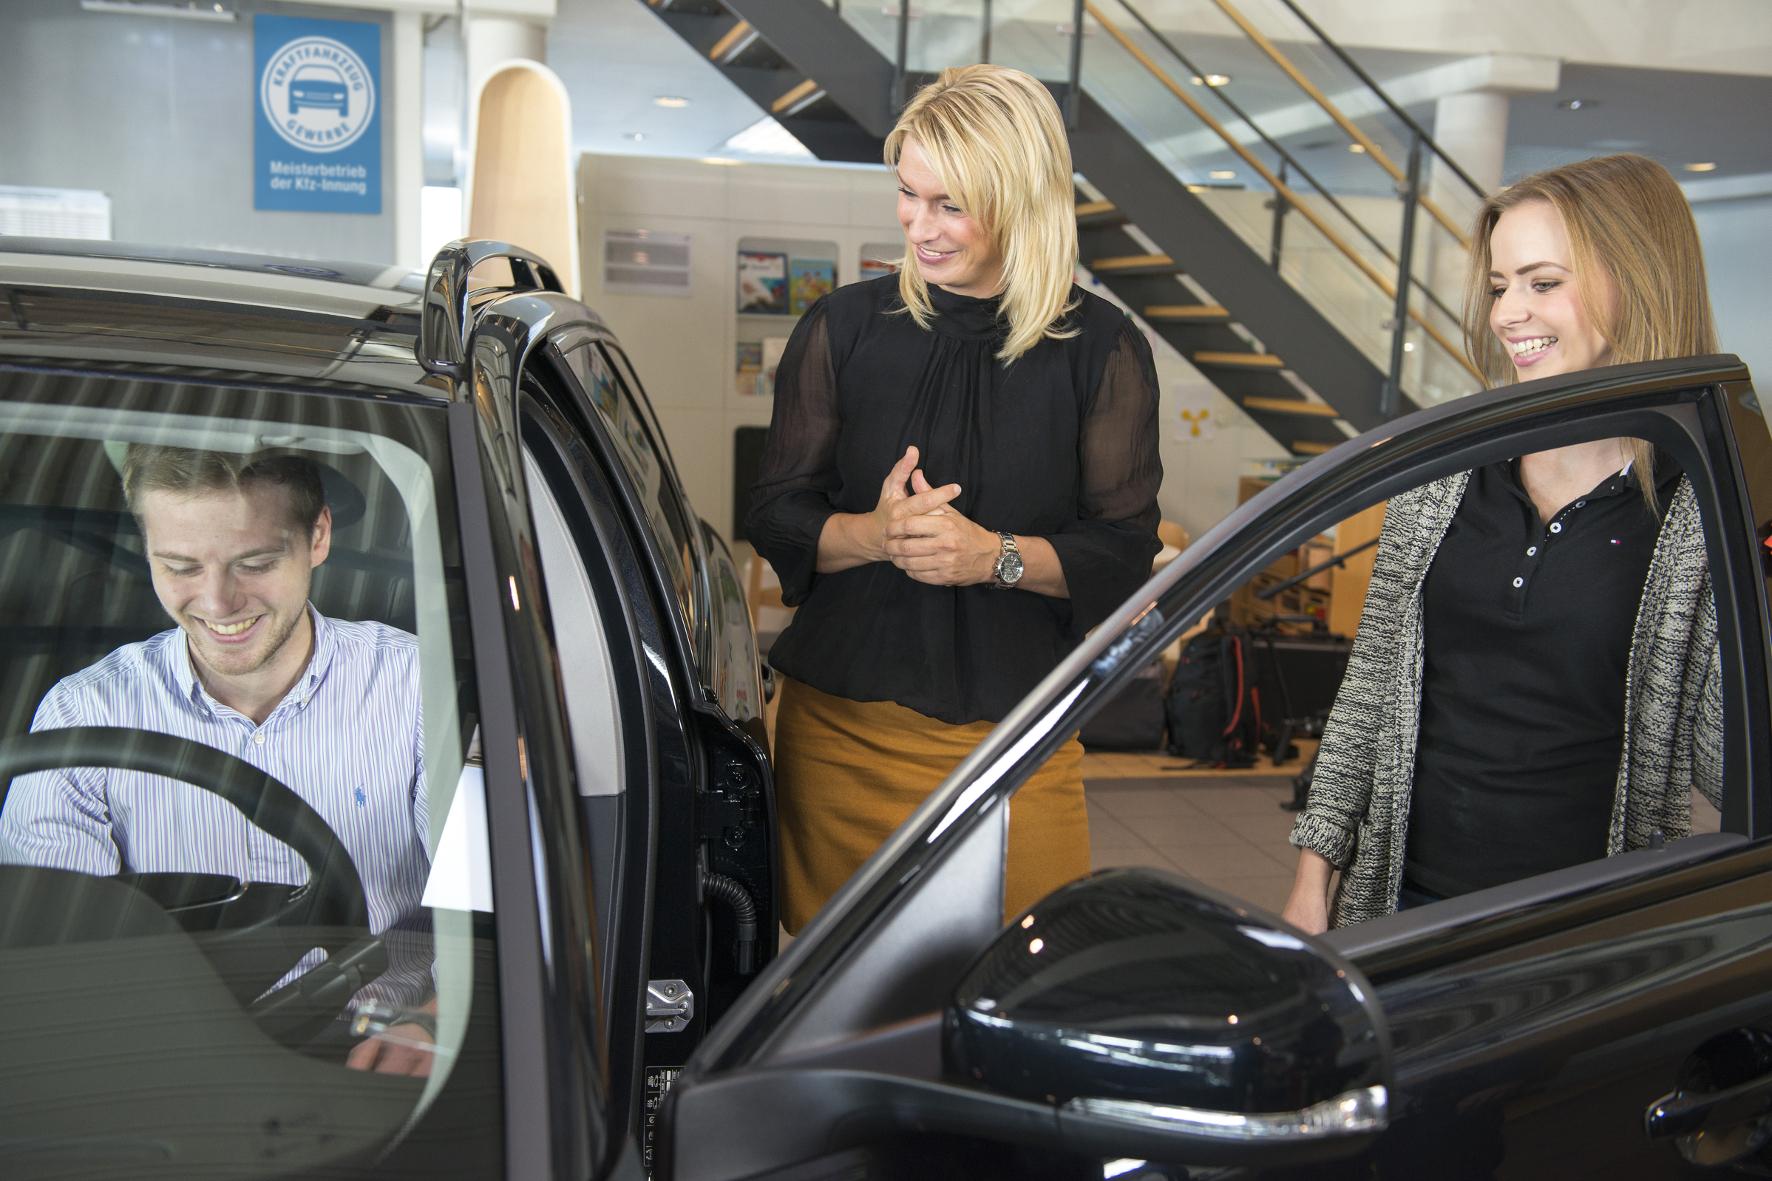 mid Groß-Gerau - Ein auf den Kundenwunsch zugeschnittenes Angebot kann die Kaufentscheidung beschleunigen. ProMotor